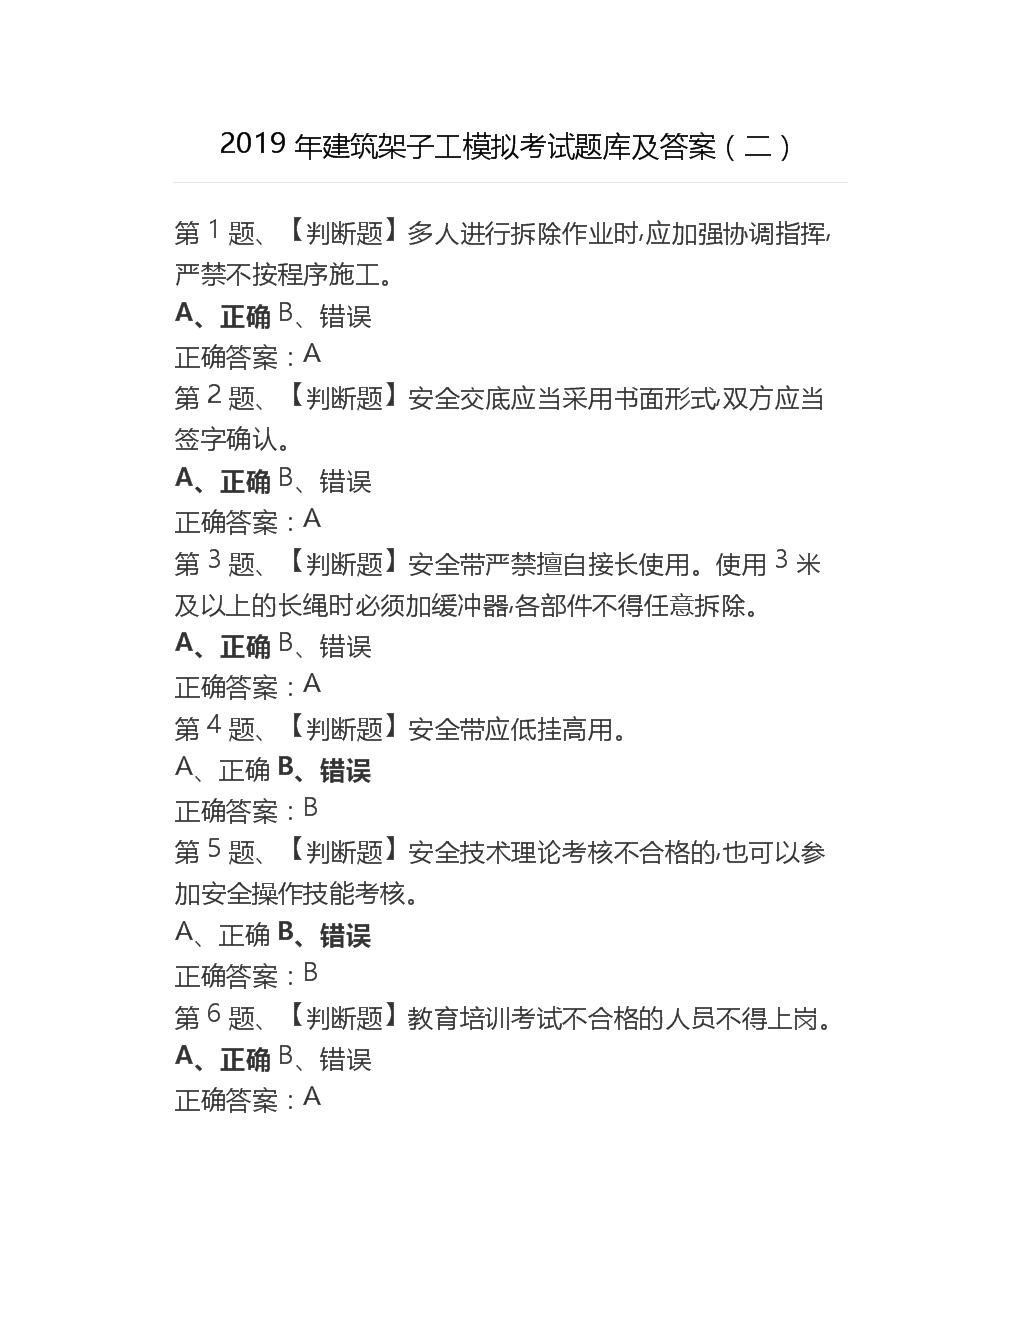 2019年建筑架子工模拟考试题库及答案(二).doc